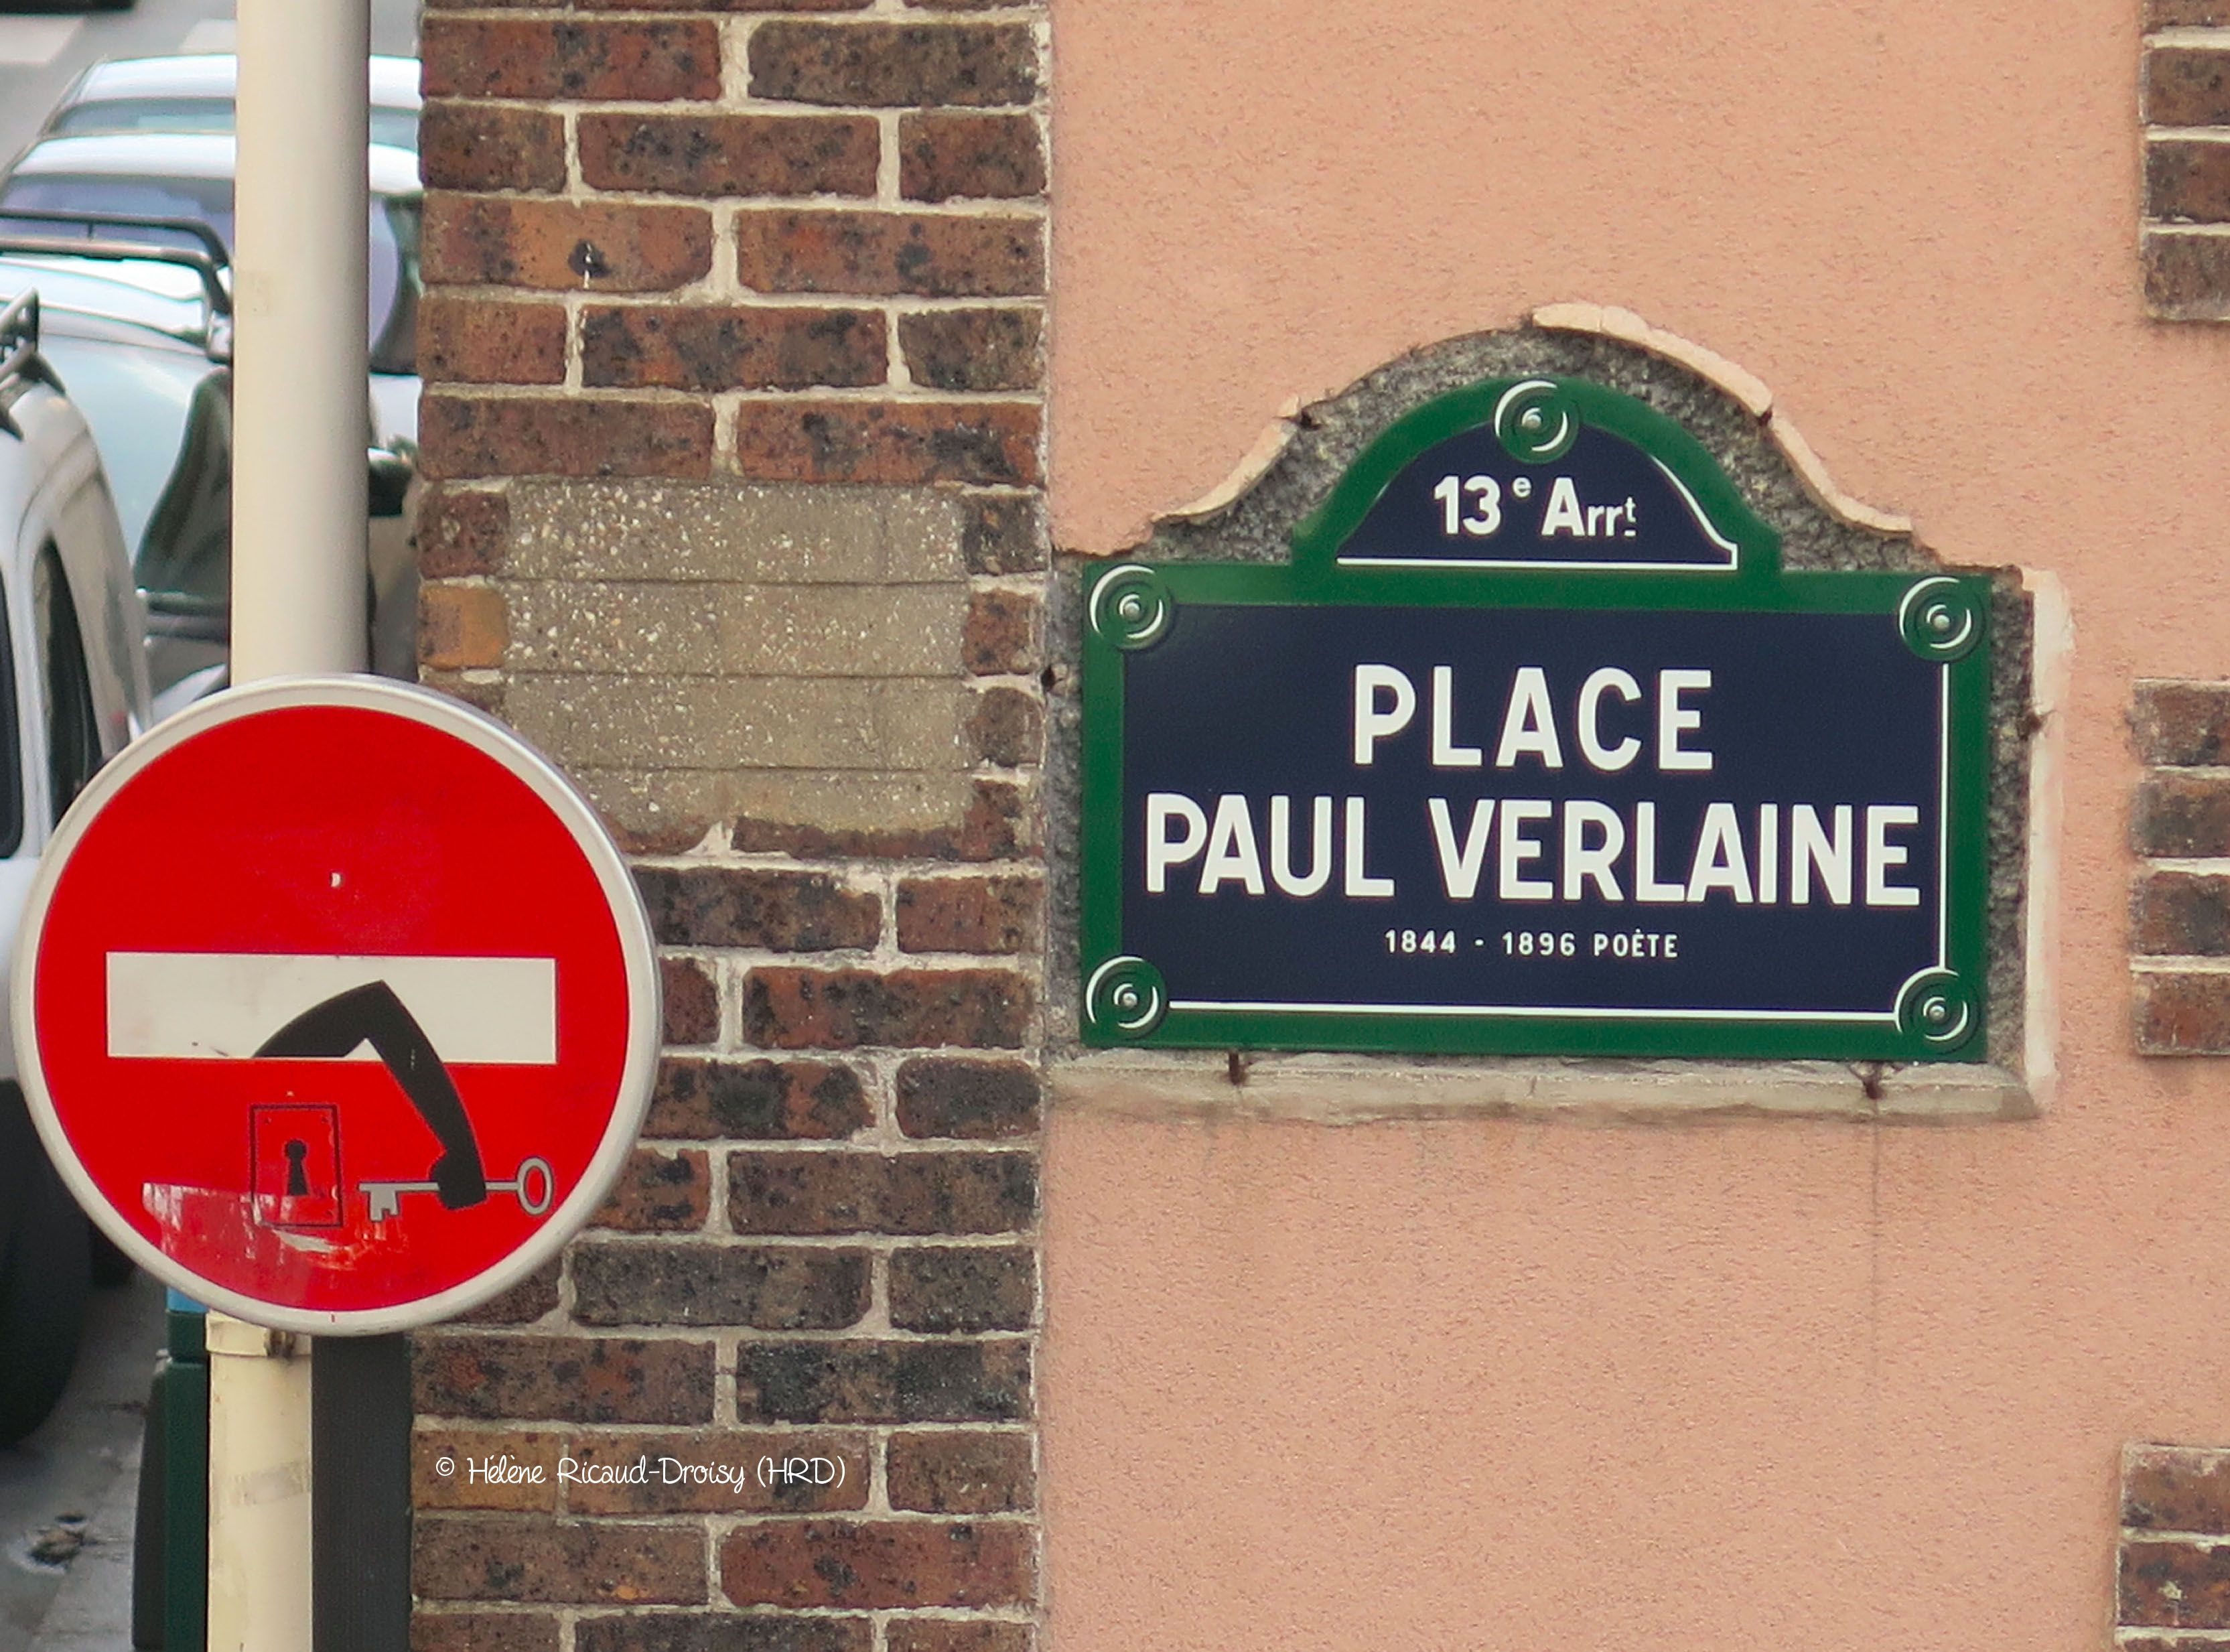 Panneau Sens Interdit Artiste Clet Abraham Place Paul Verlaine 13e Arrt Paris France 2016 02 06 C Helene R Panneau Sens Interdit Verlaine Paul Verlaine